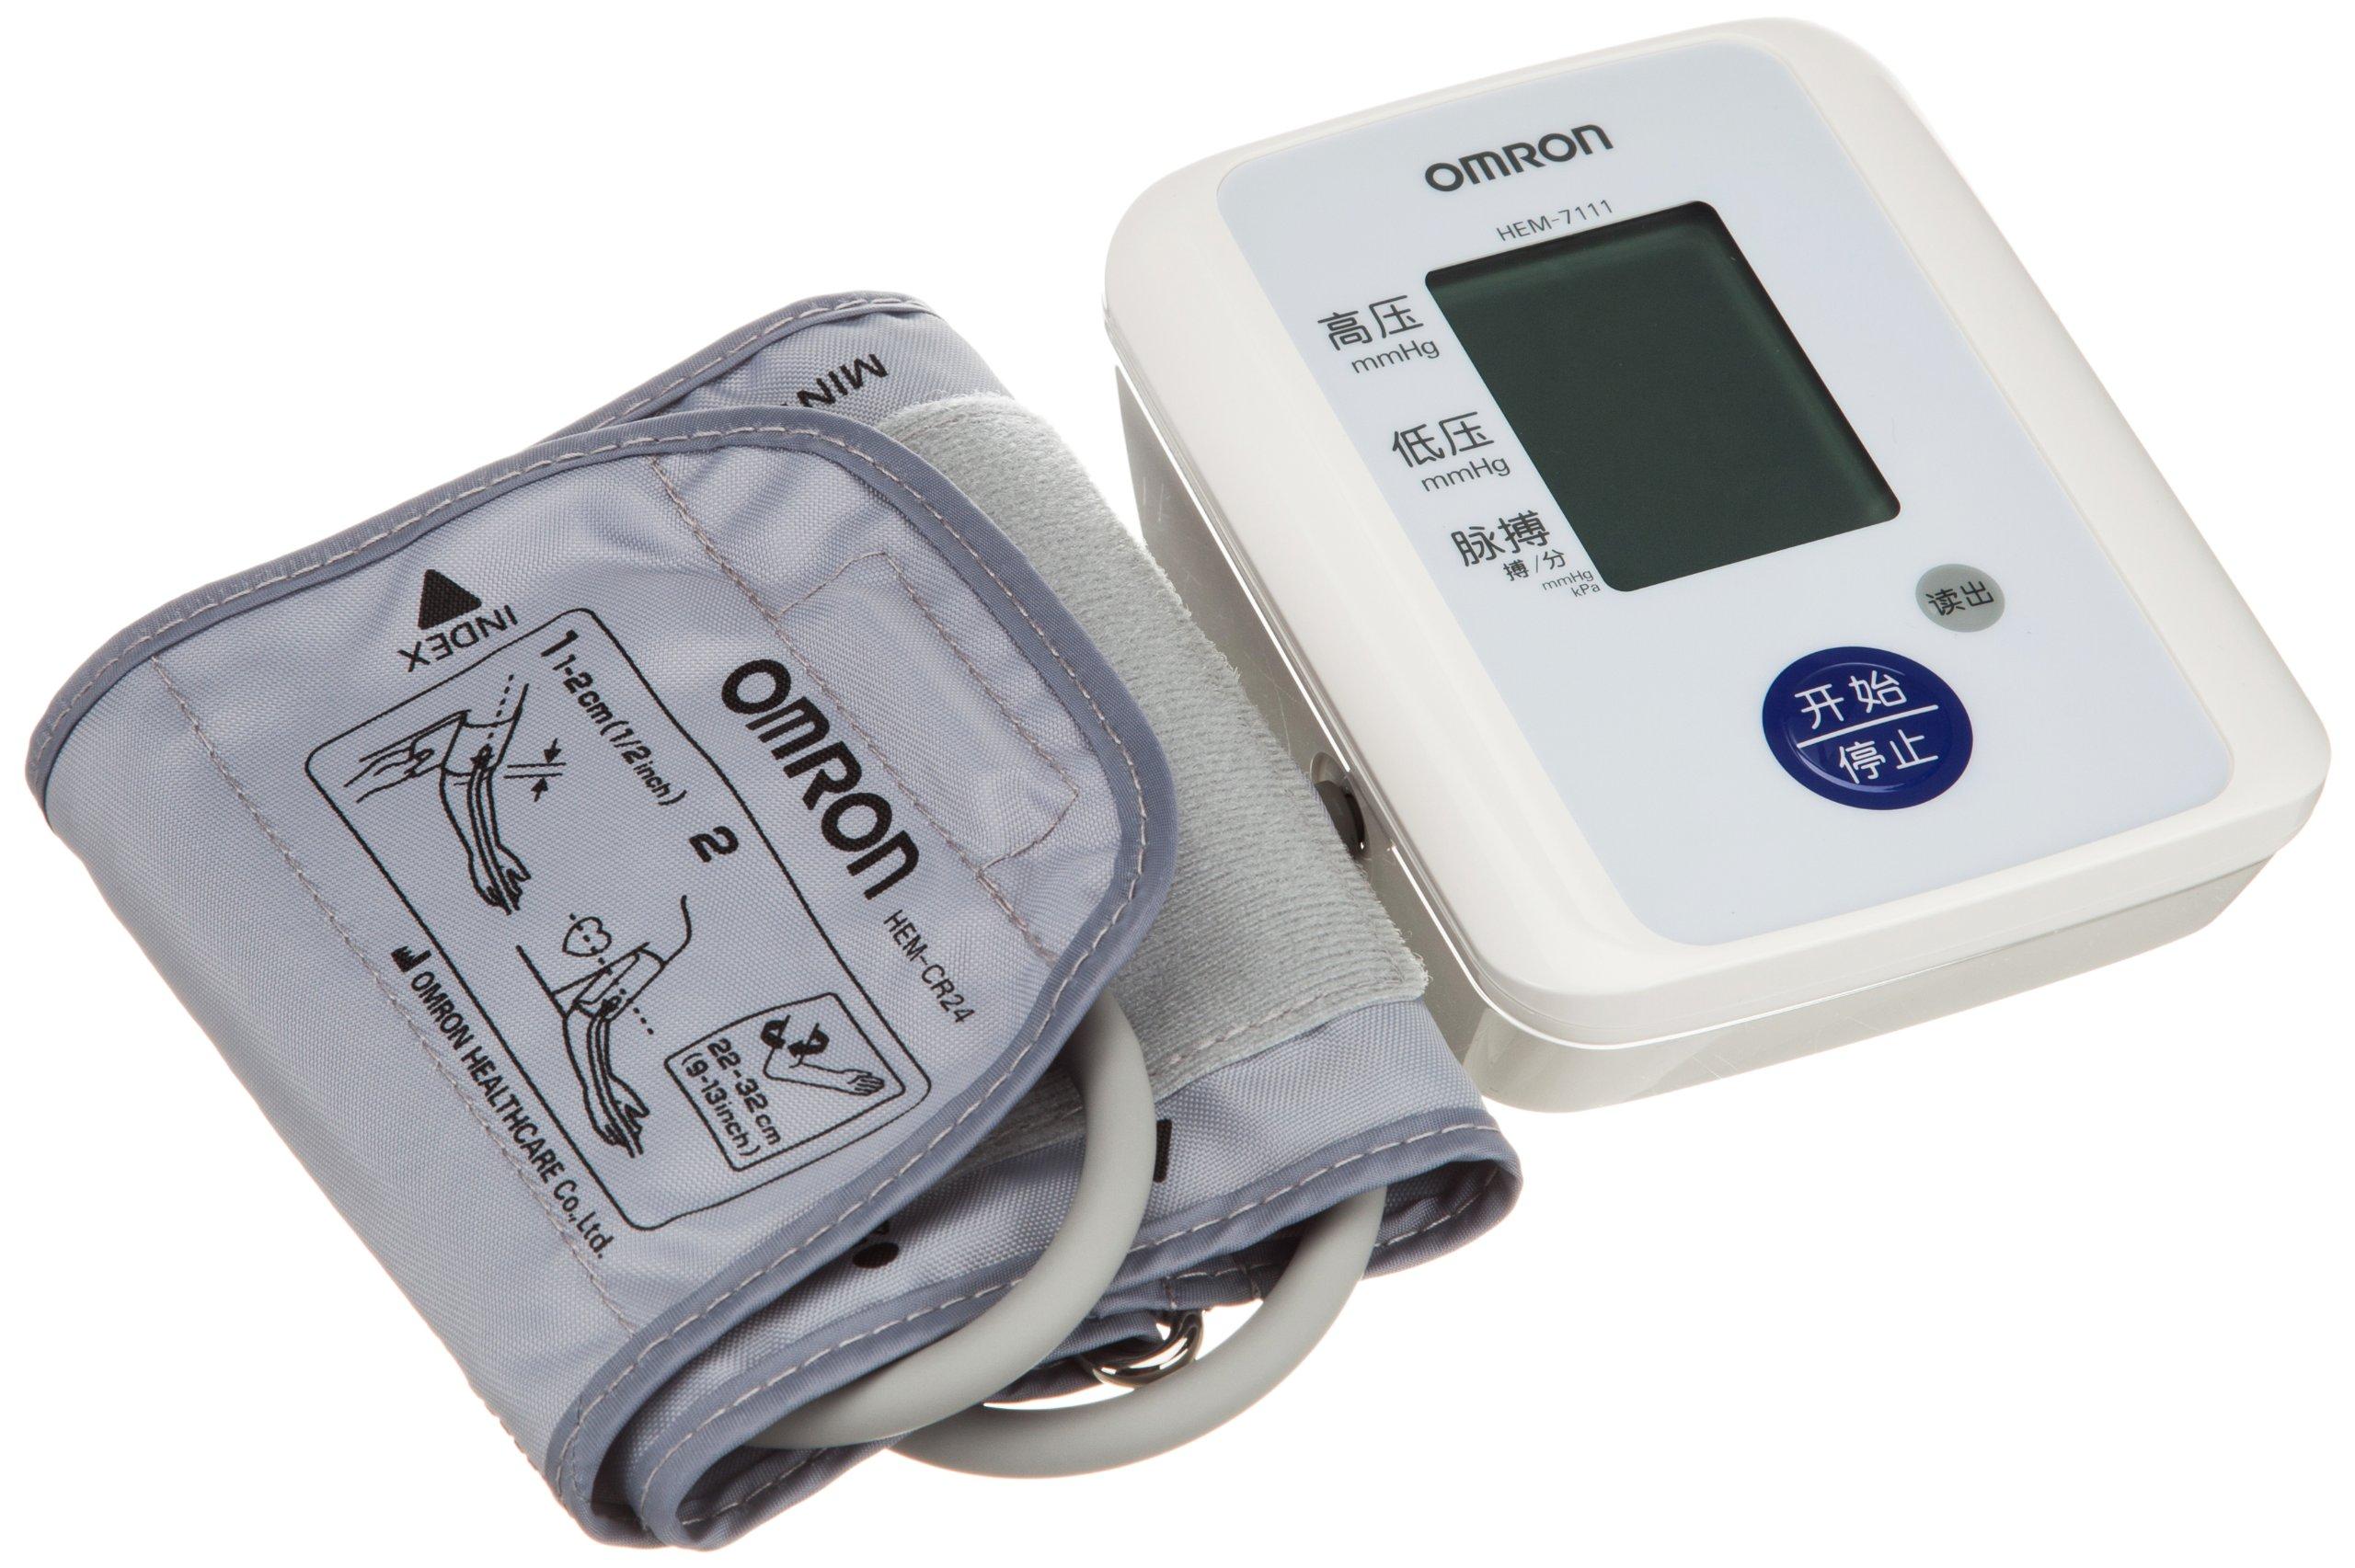 【欧姆龙电子血压计hem-7111】说明书